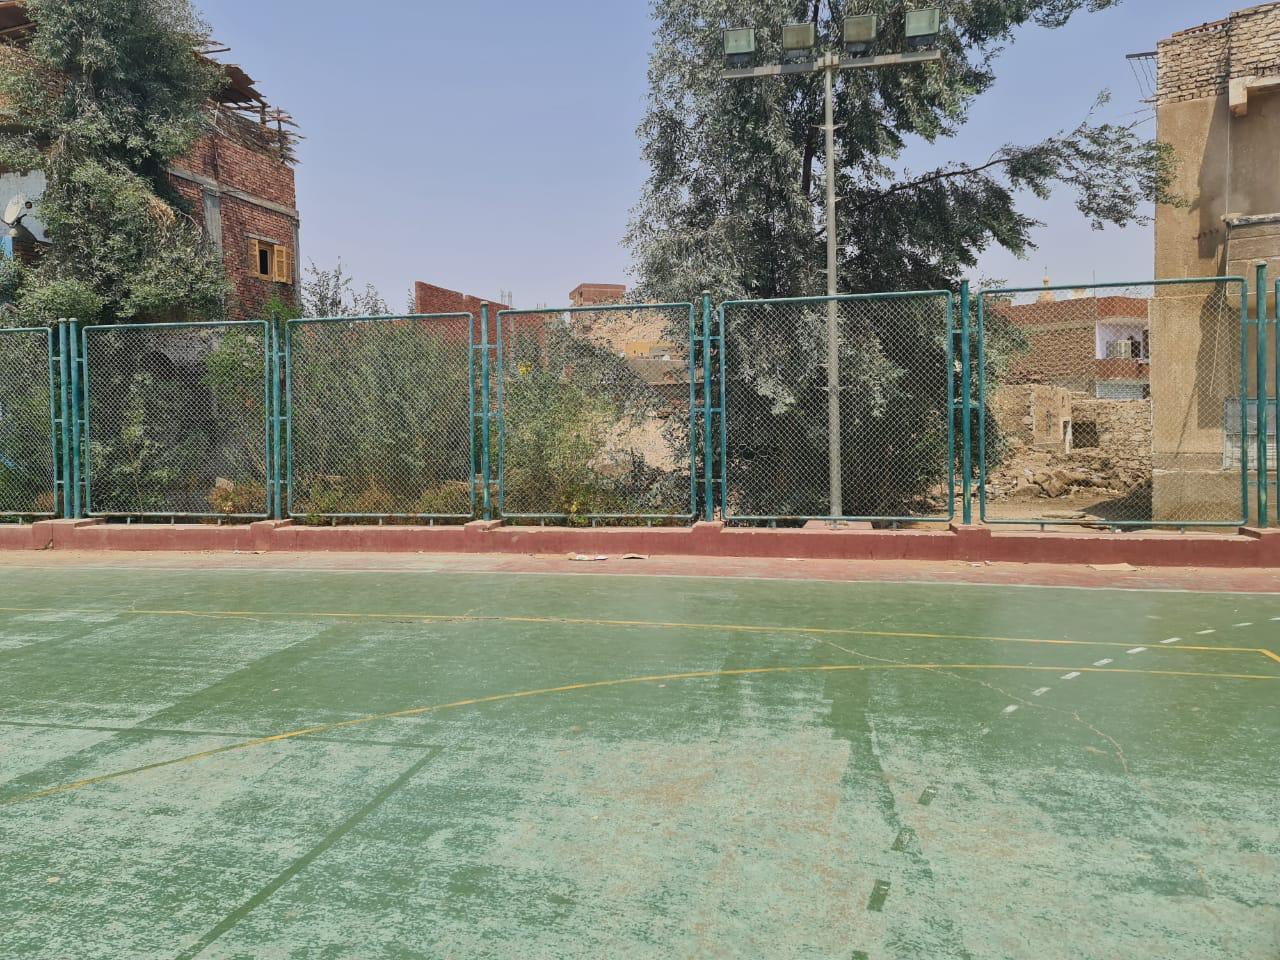 لجنة الشباب والرياضة تعاين مراكز الشباب بمحافظة أسوان